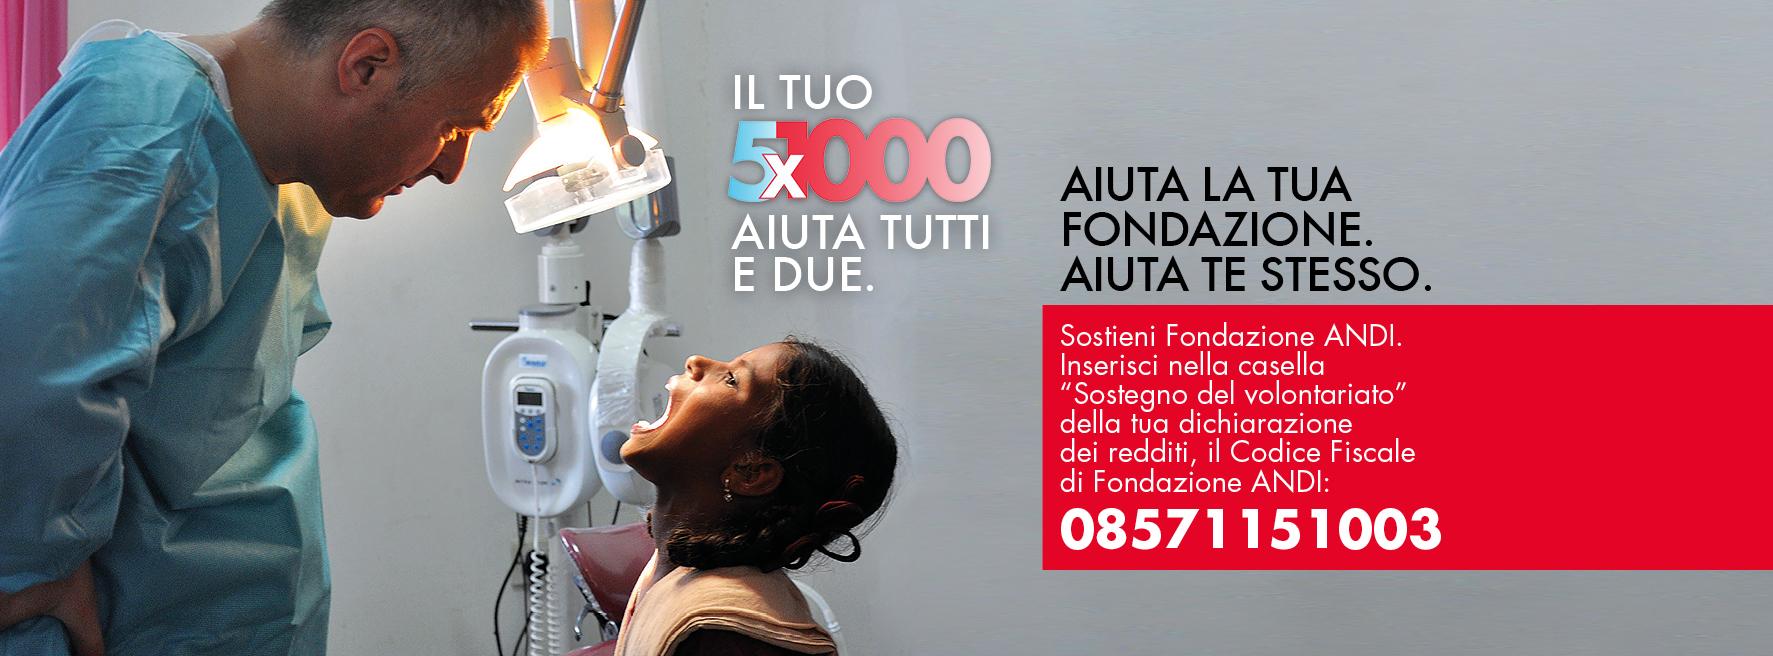 Sostieni i volontari ANDI con il tuo 5X1000